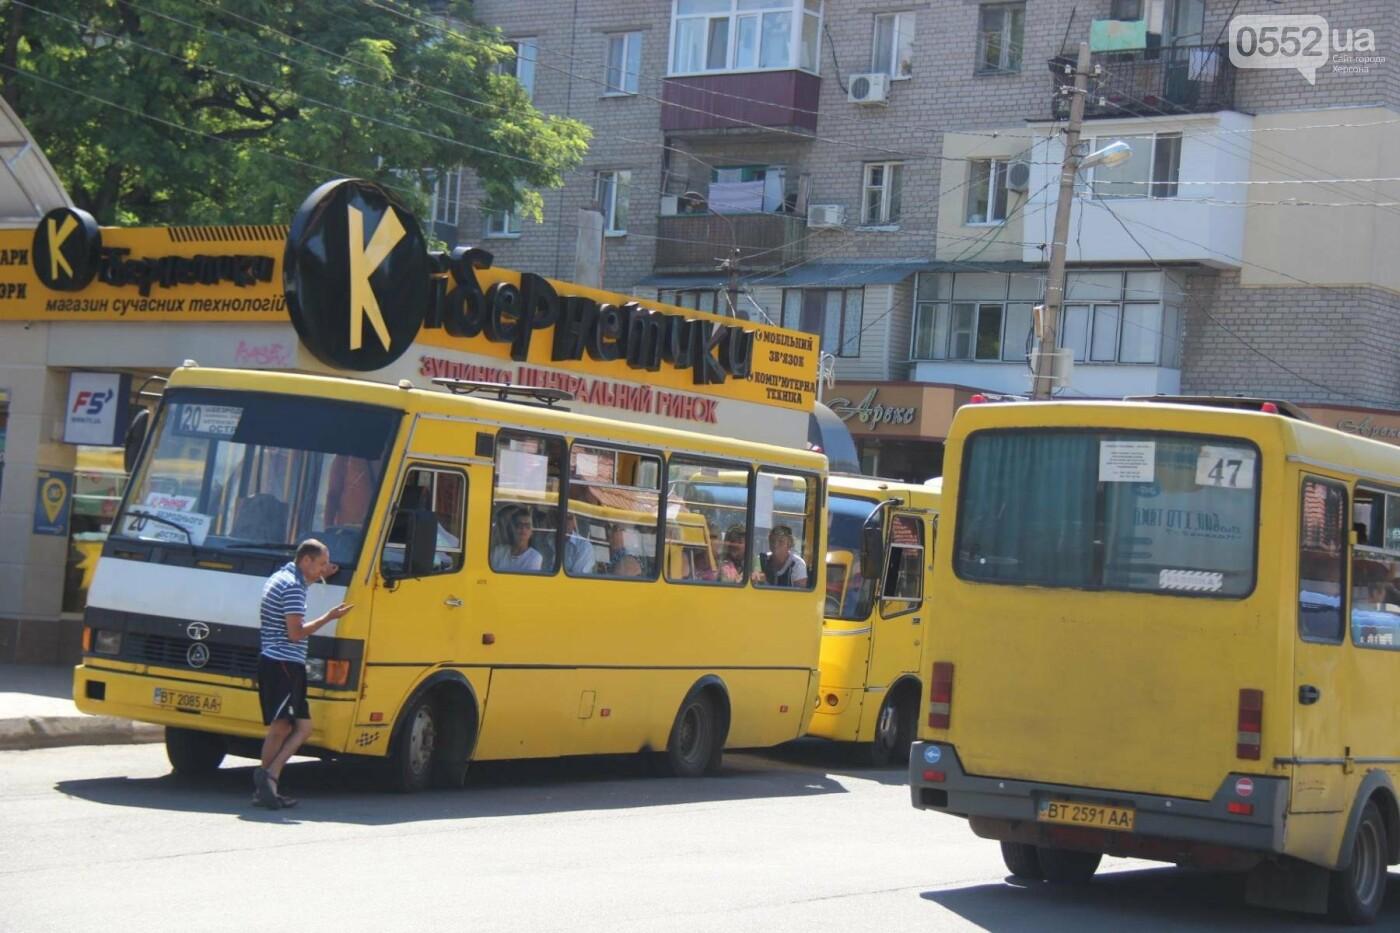 Развитие херсонского общественного транспорта: реальная работа или показательное выступление?, фото-1